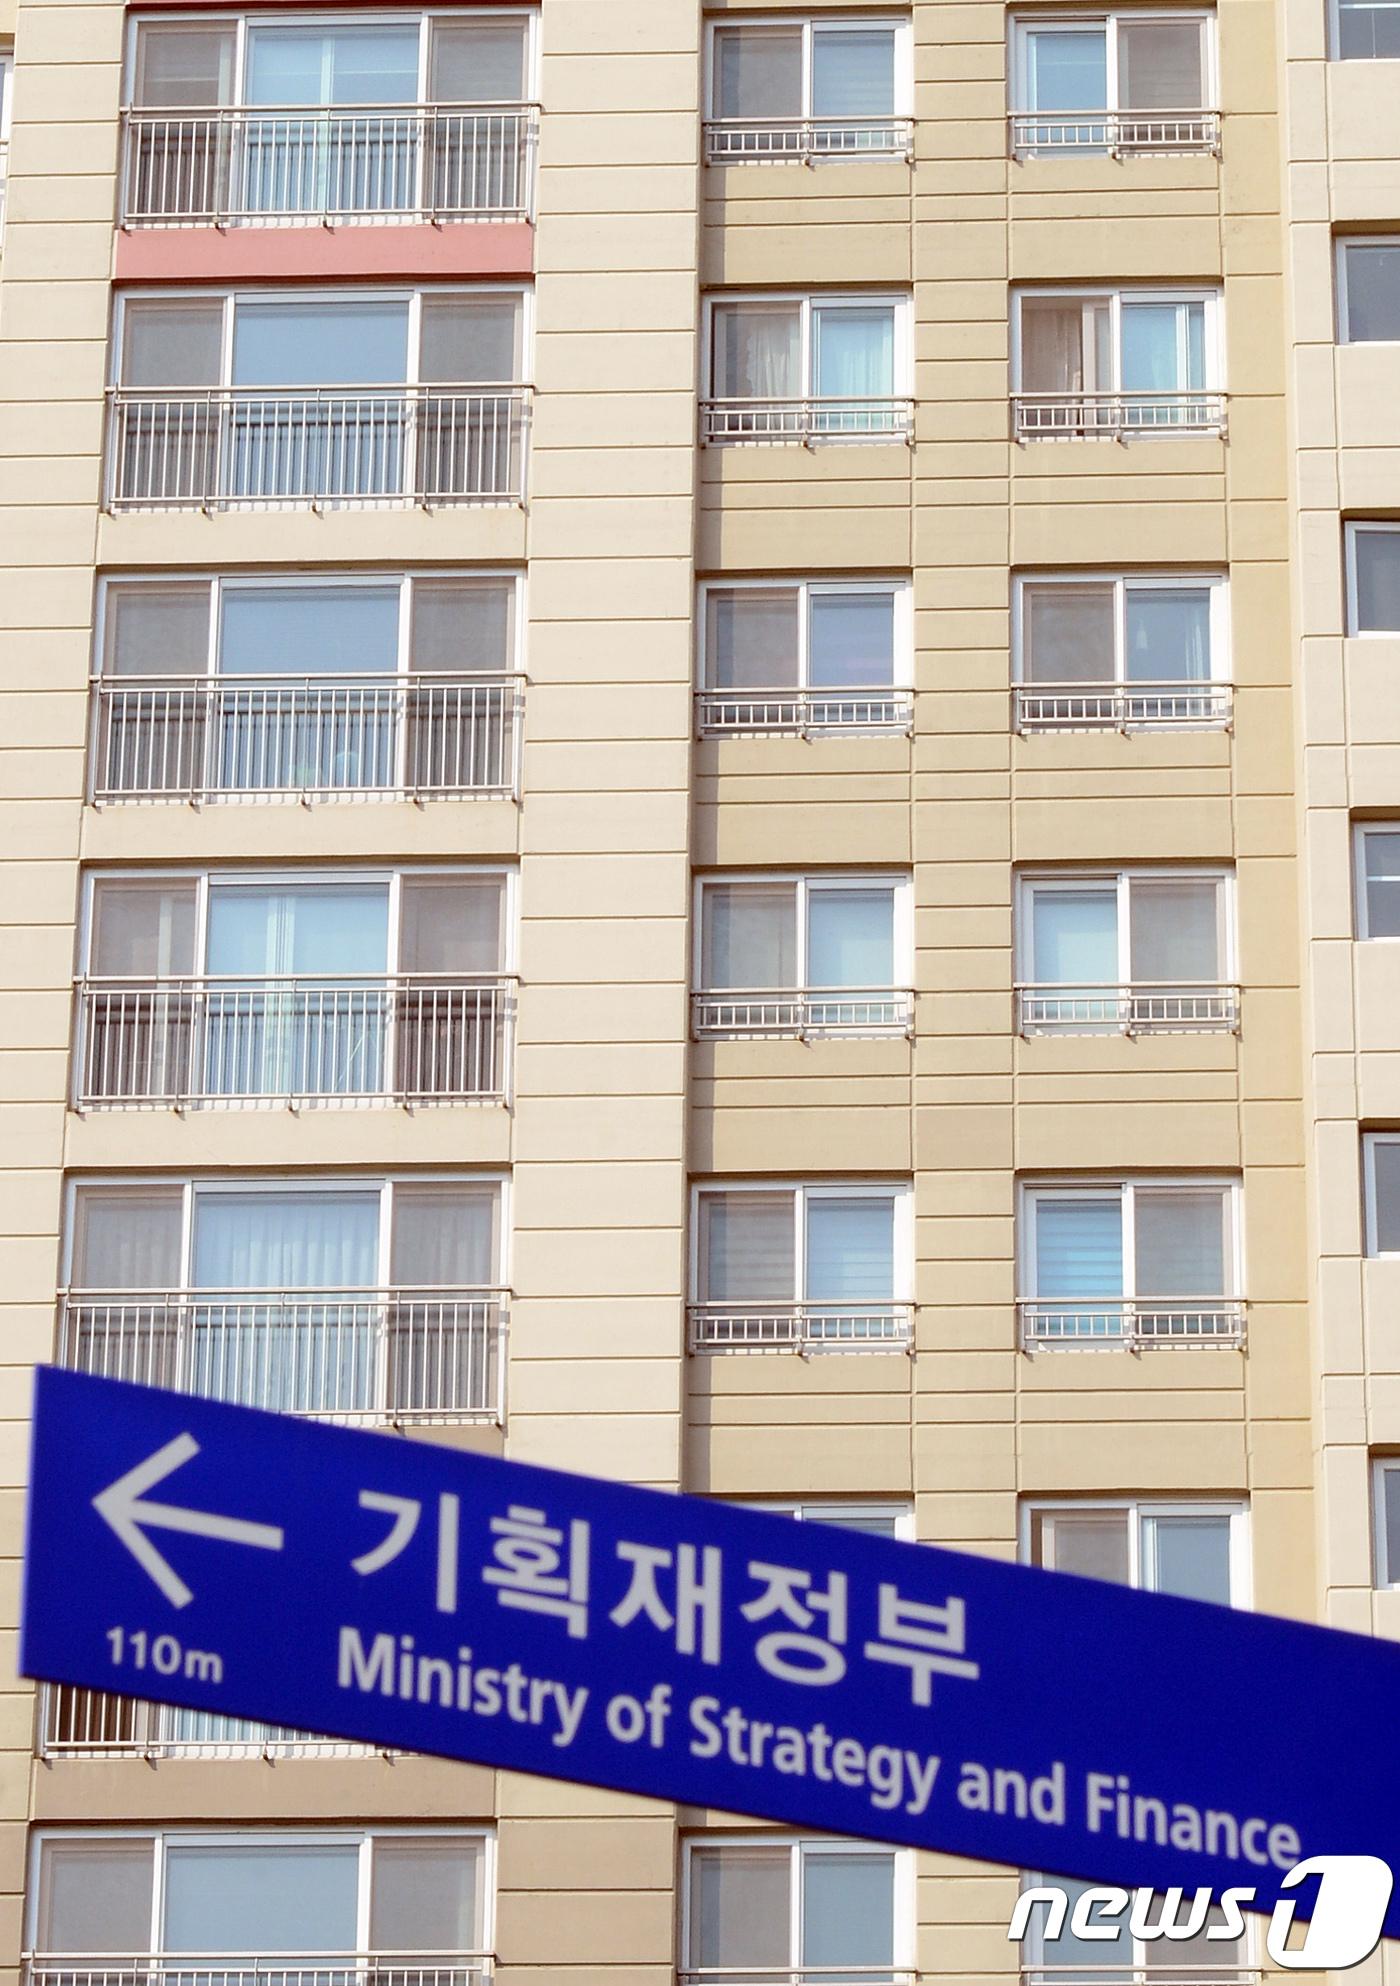 부동산 대책 발표한 기재부